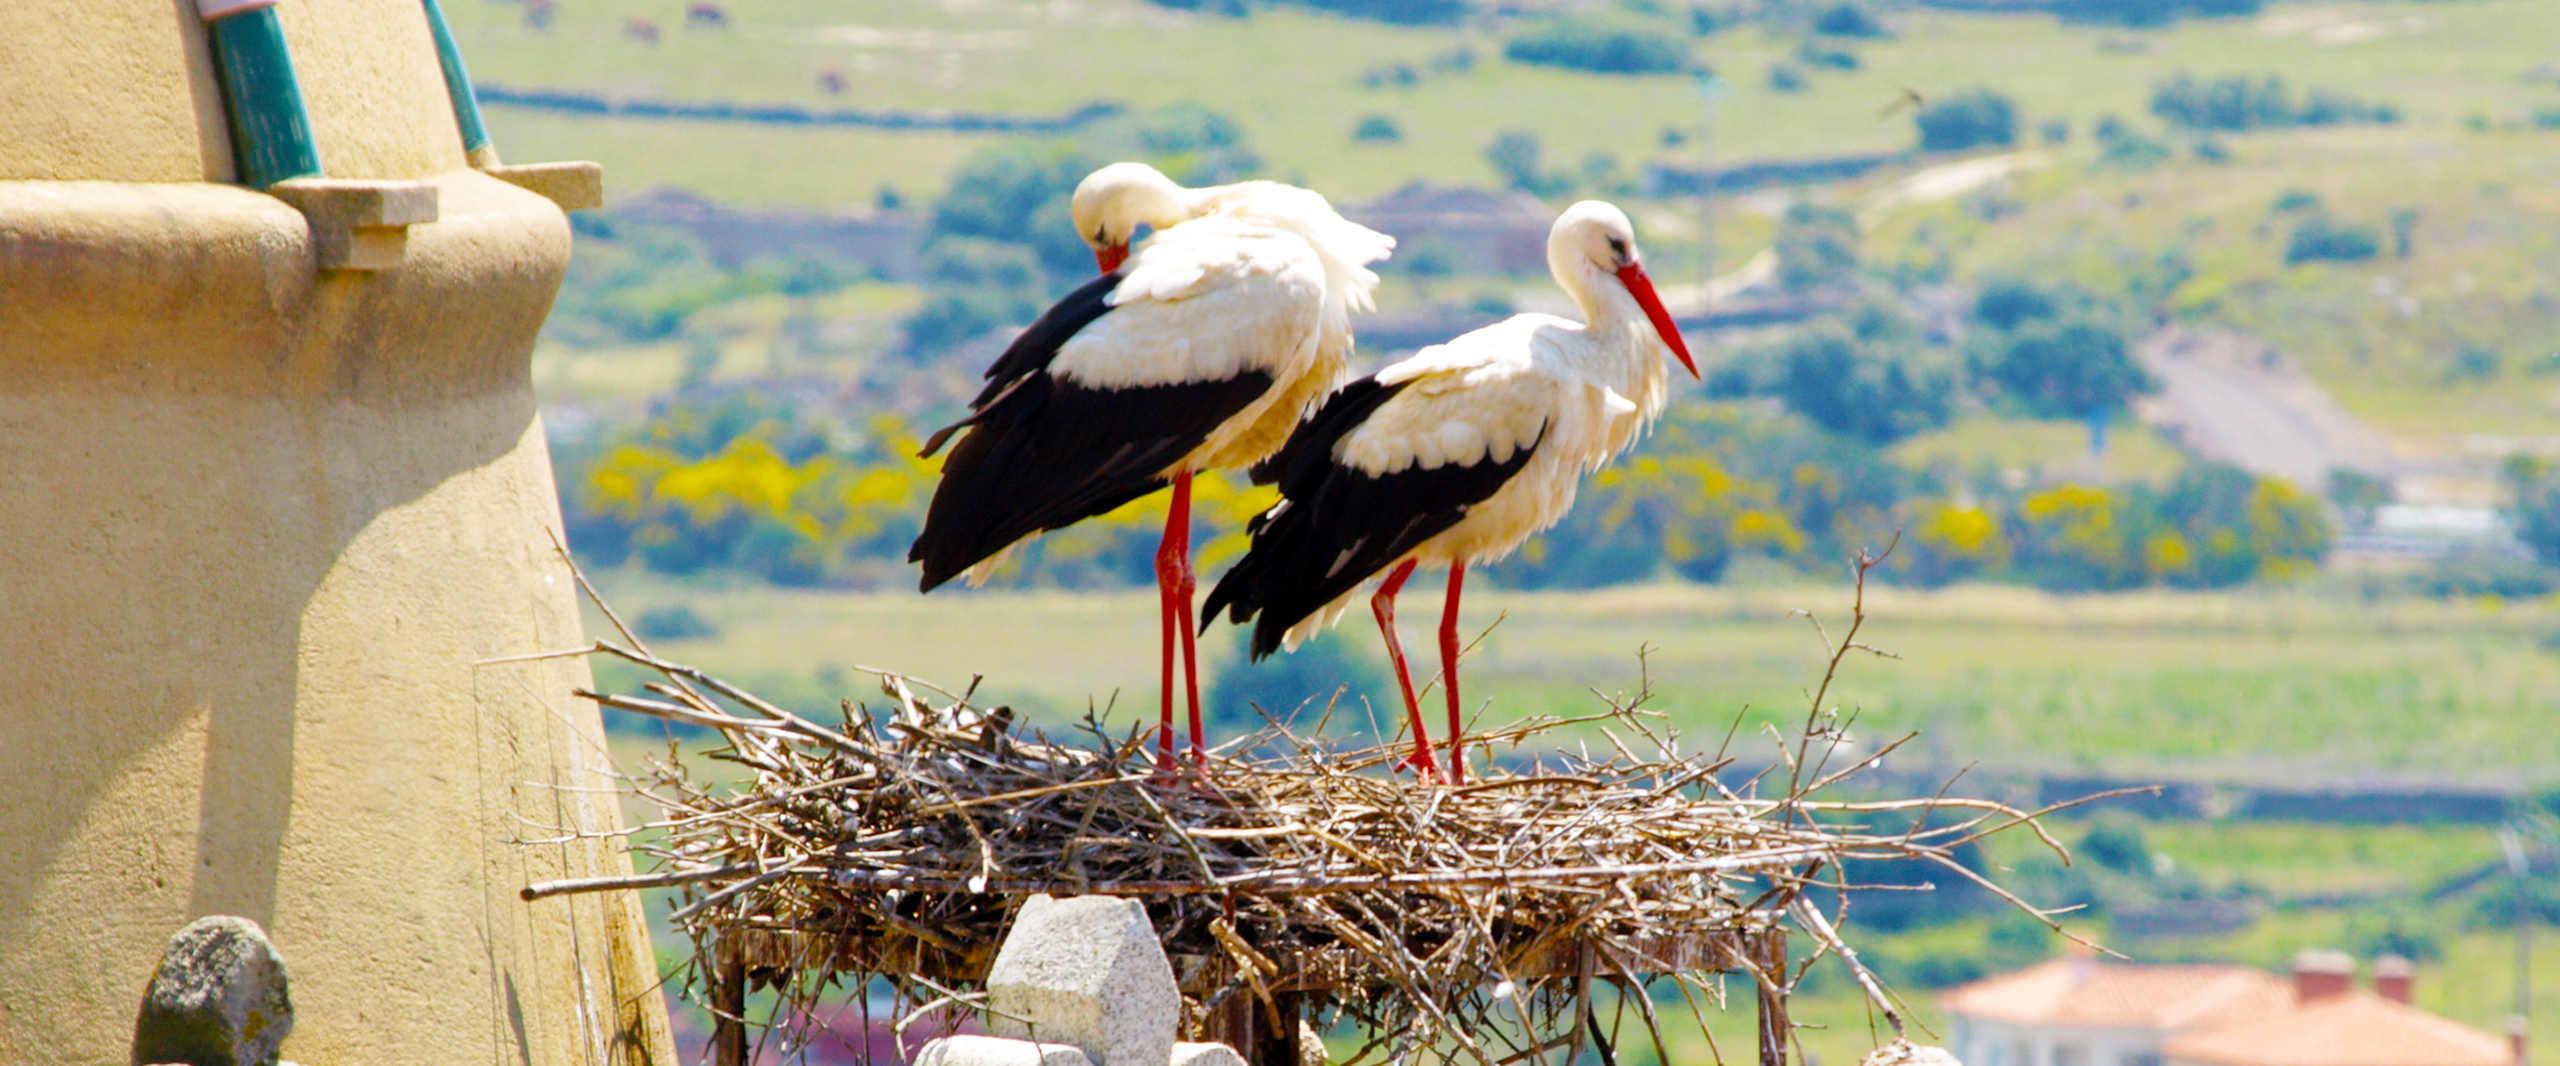 Zwei Stoerche sitzen in ihrem Nest und ueberblicken das Umland